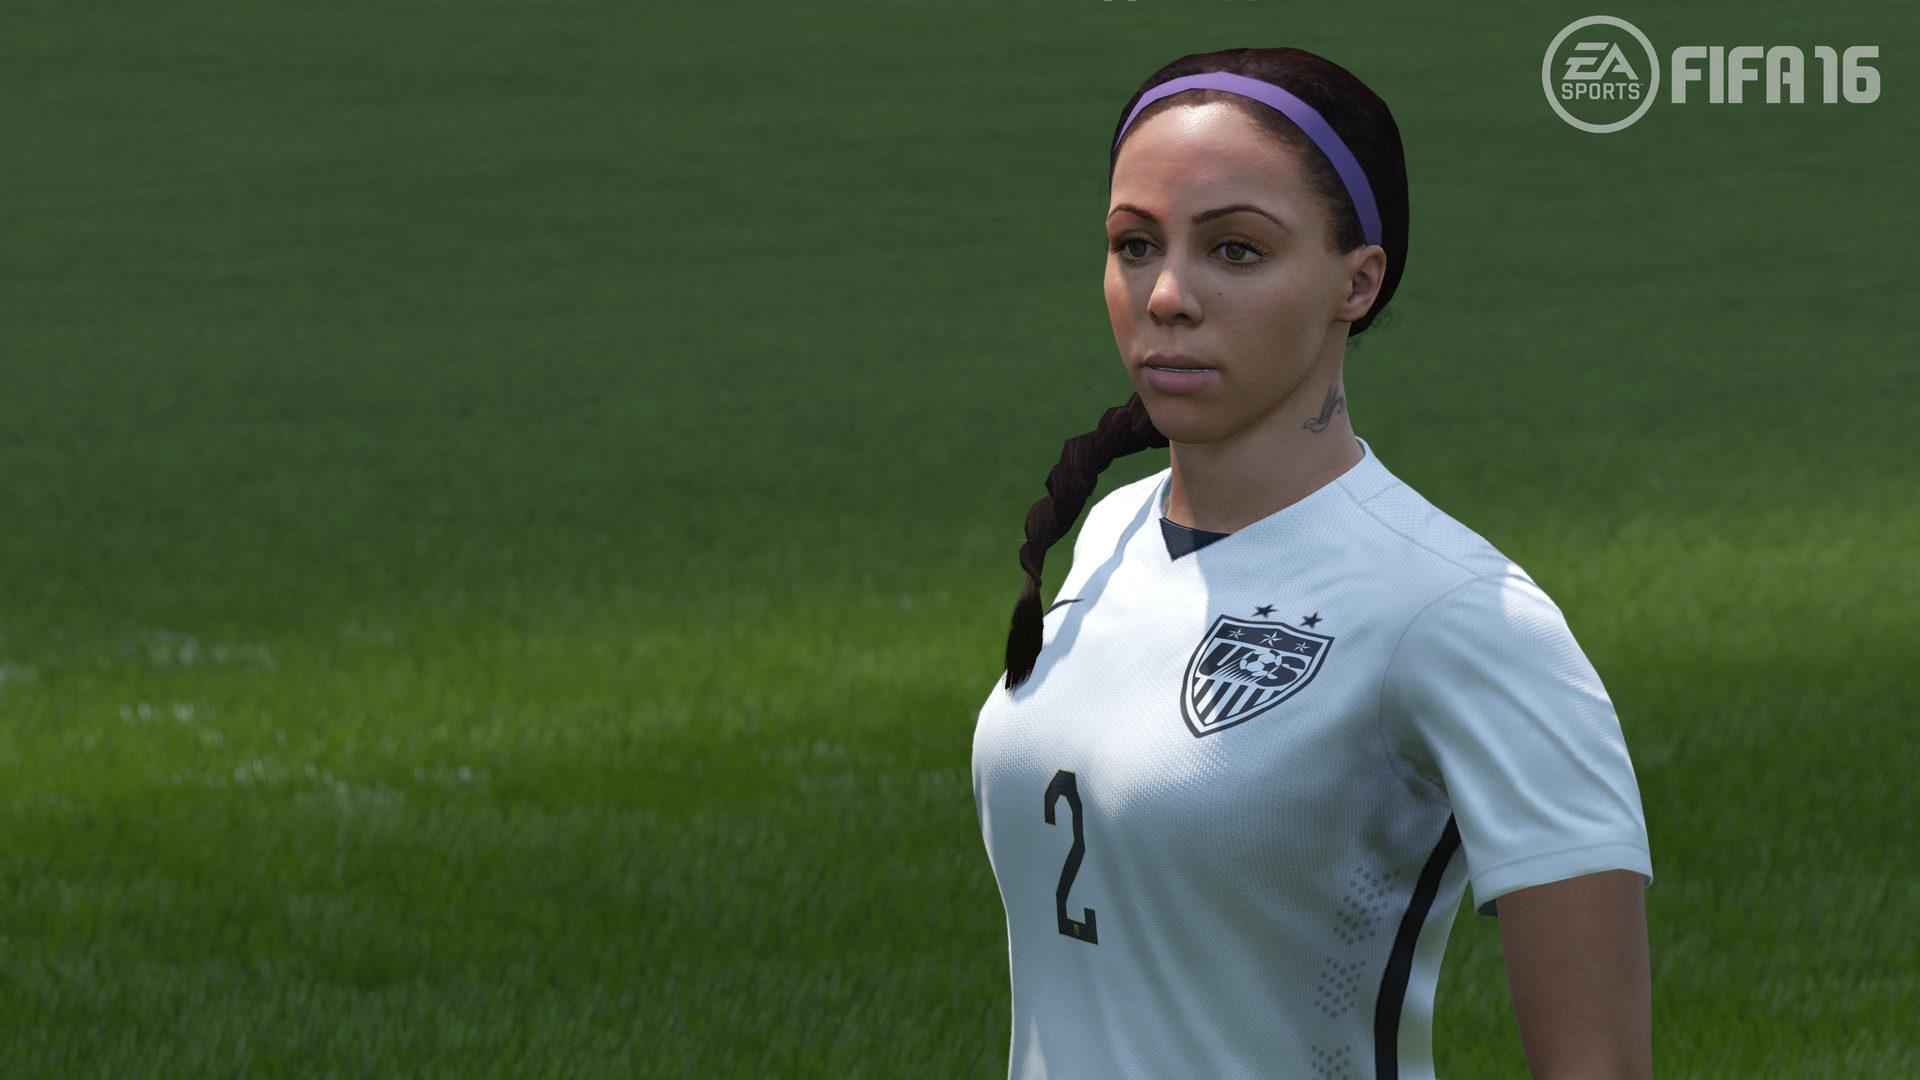 Novinkou ve FIFA 16 budou ženské národní týmy 109337